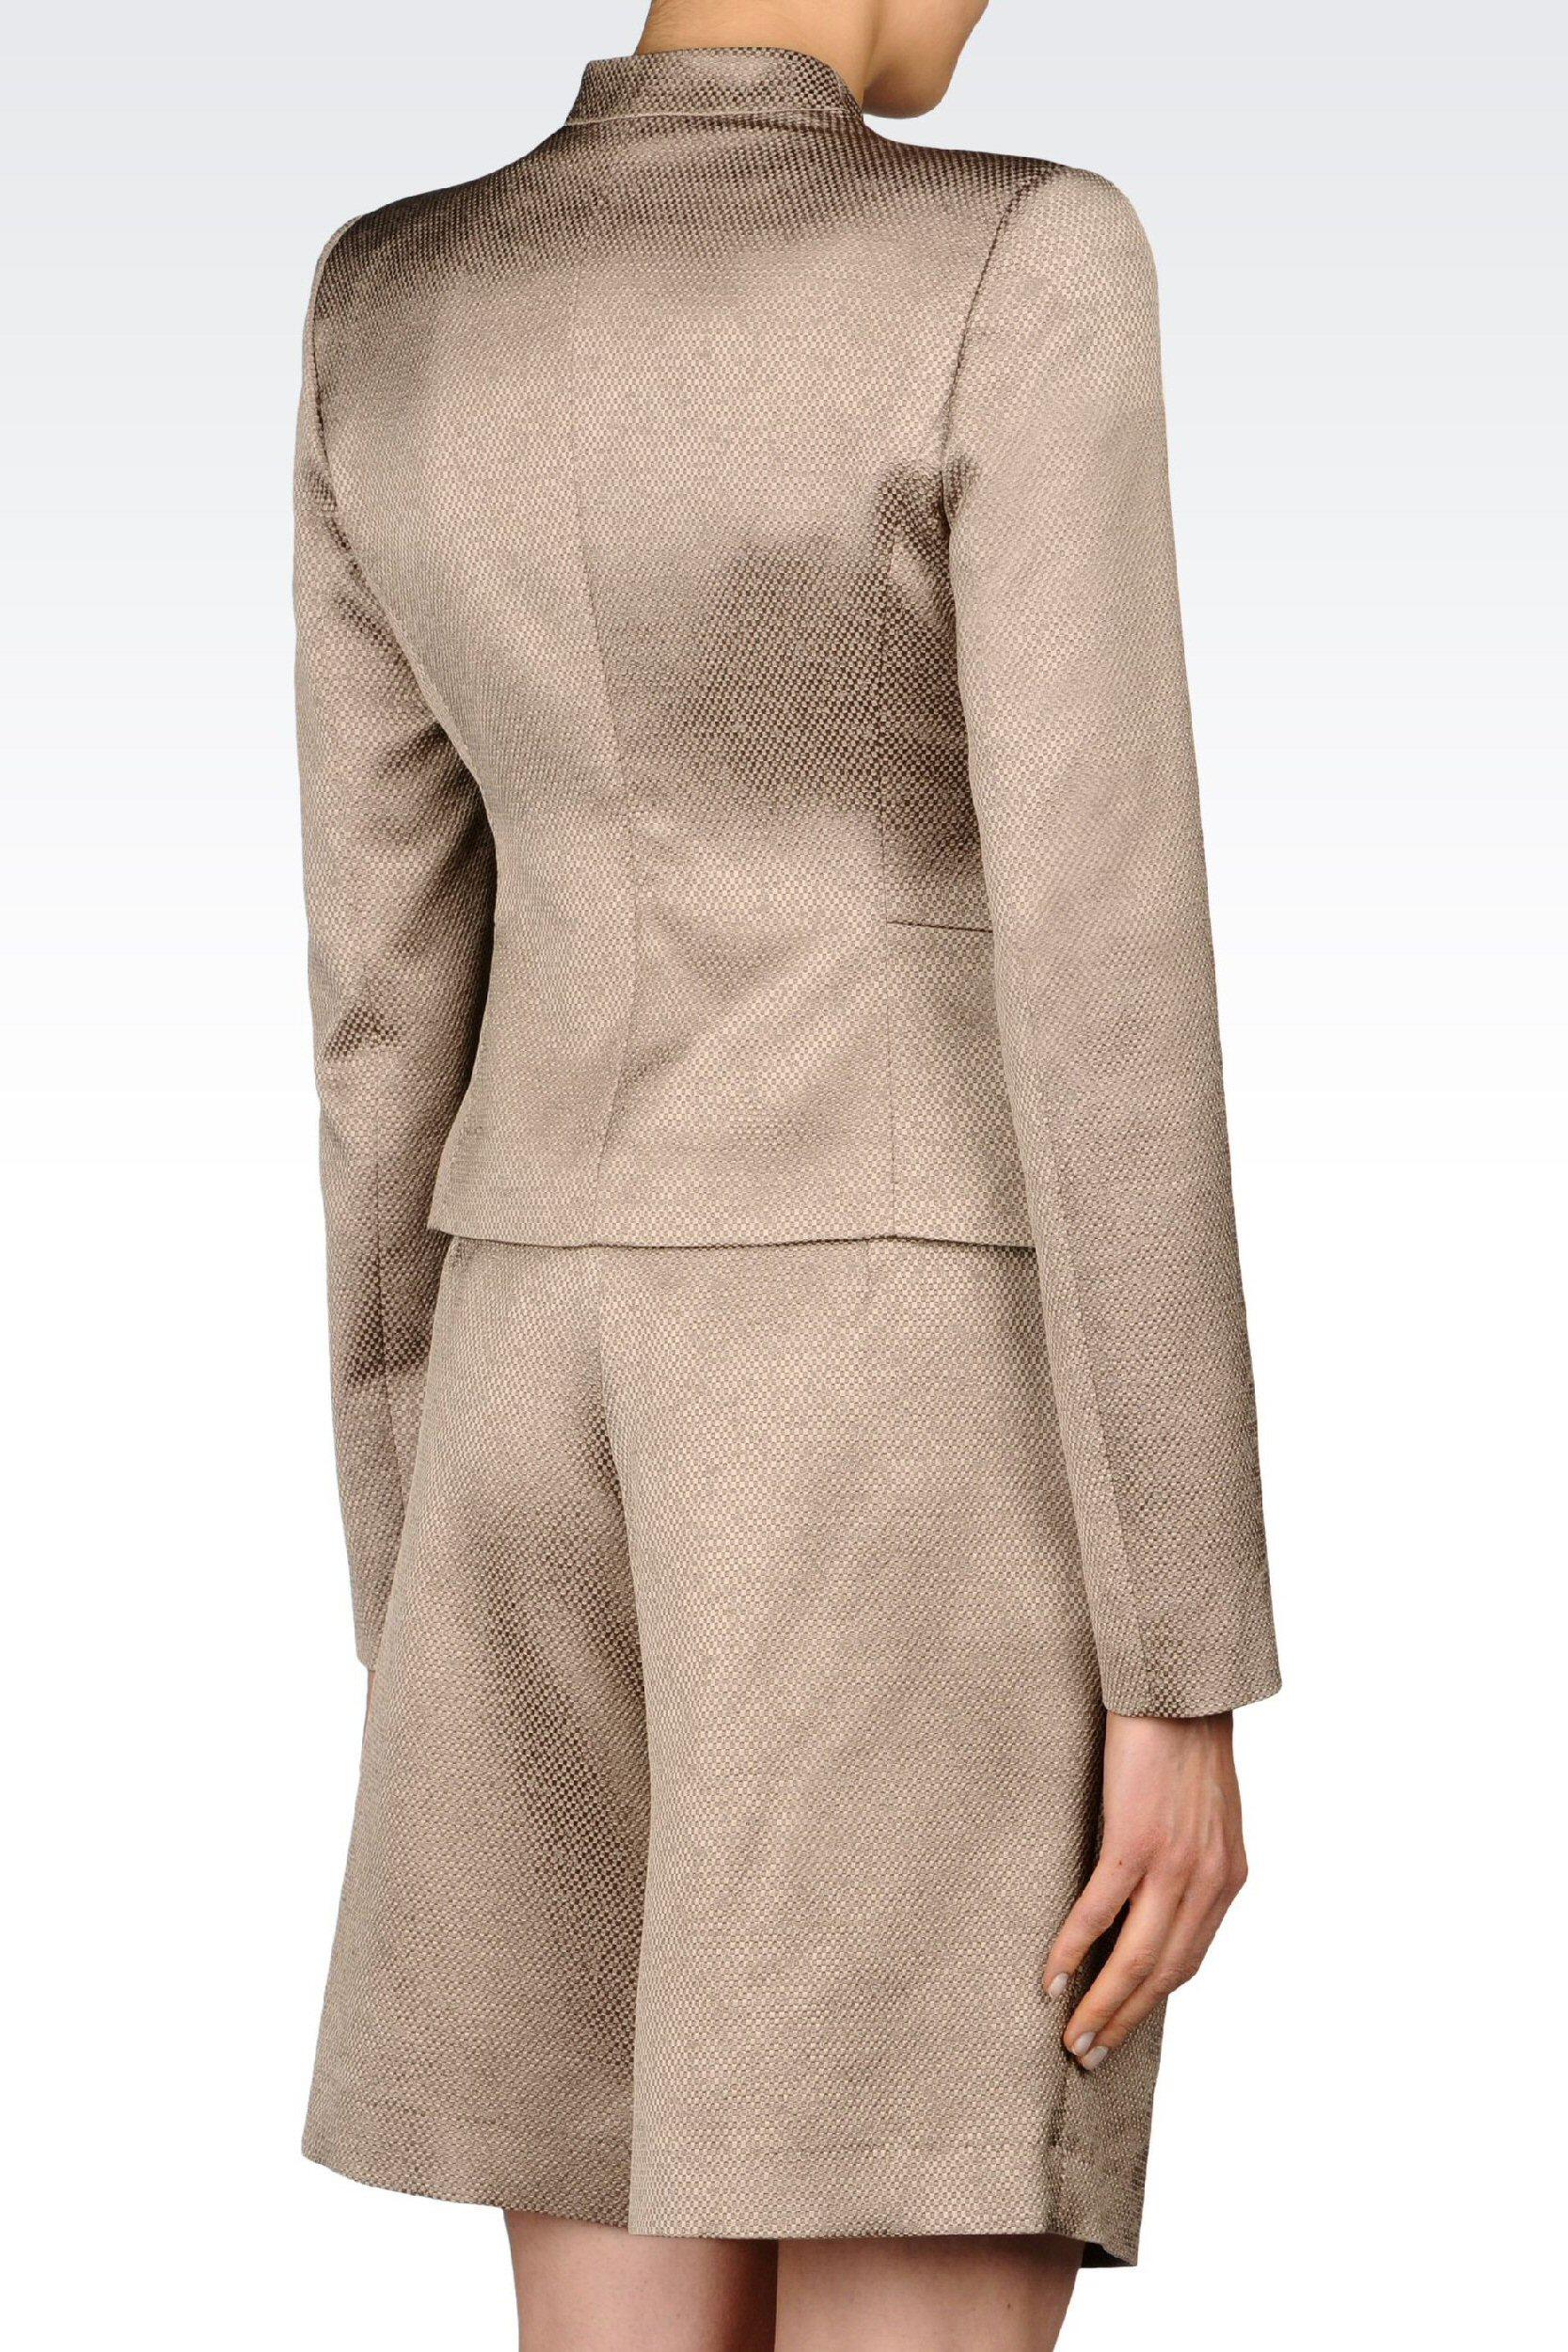 Armani Workwear 16-52